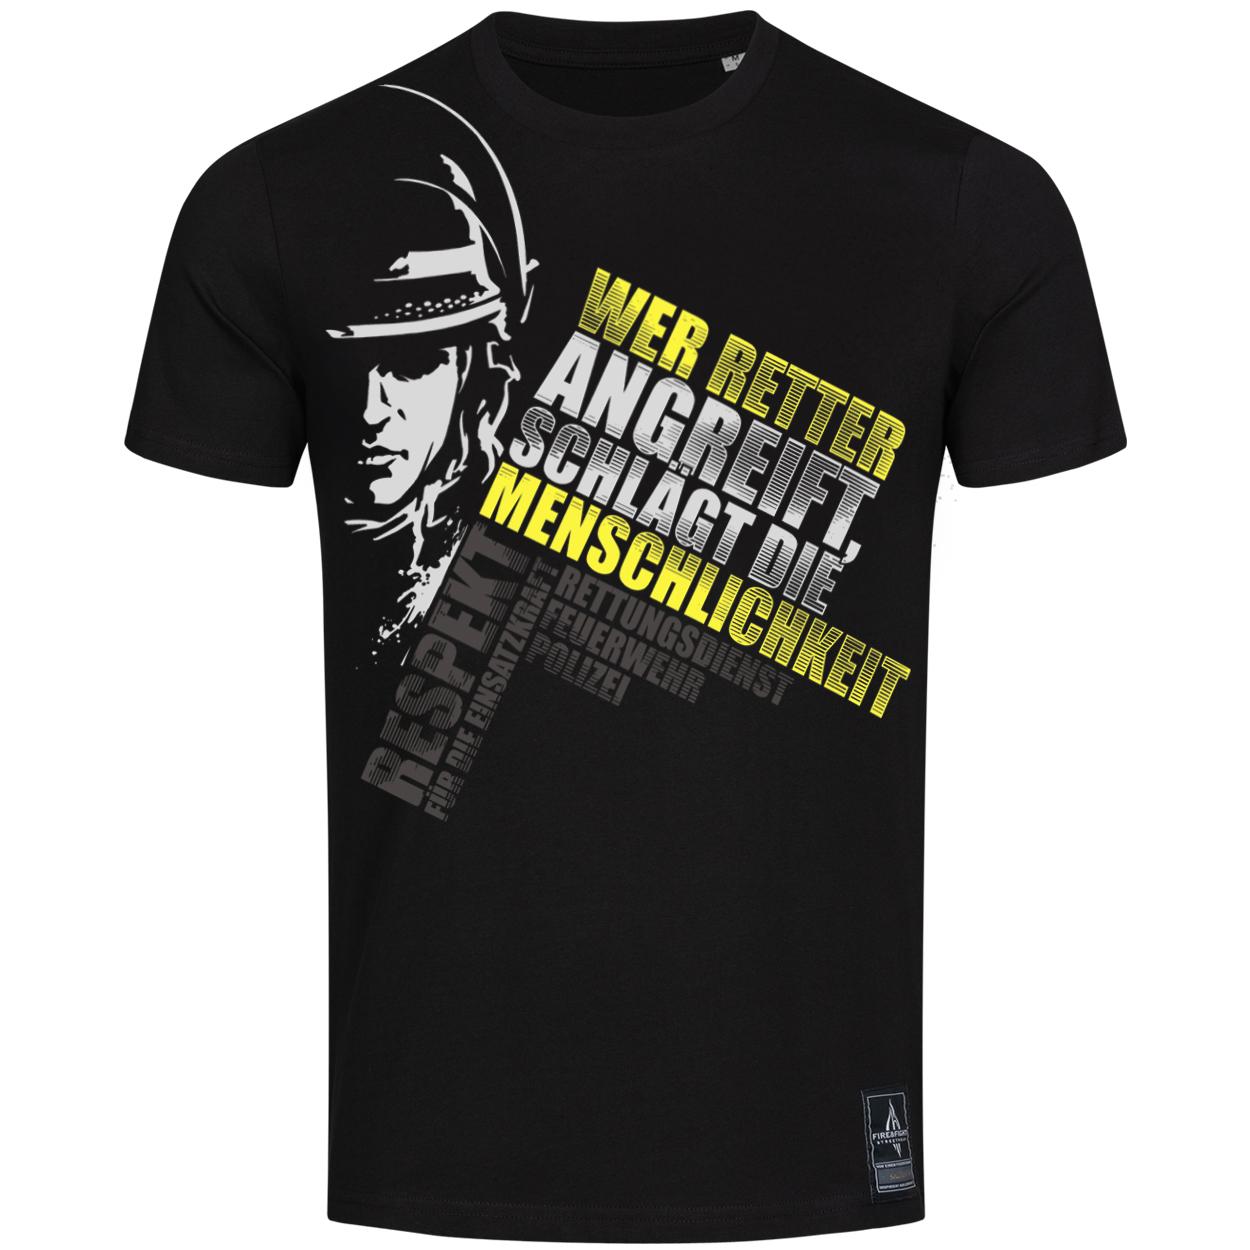 Wer Retter angreift schlägt die Menschlichkeit - Männer T-Shirt